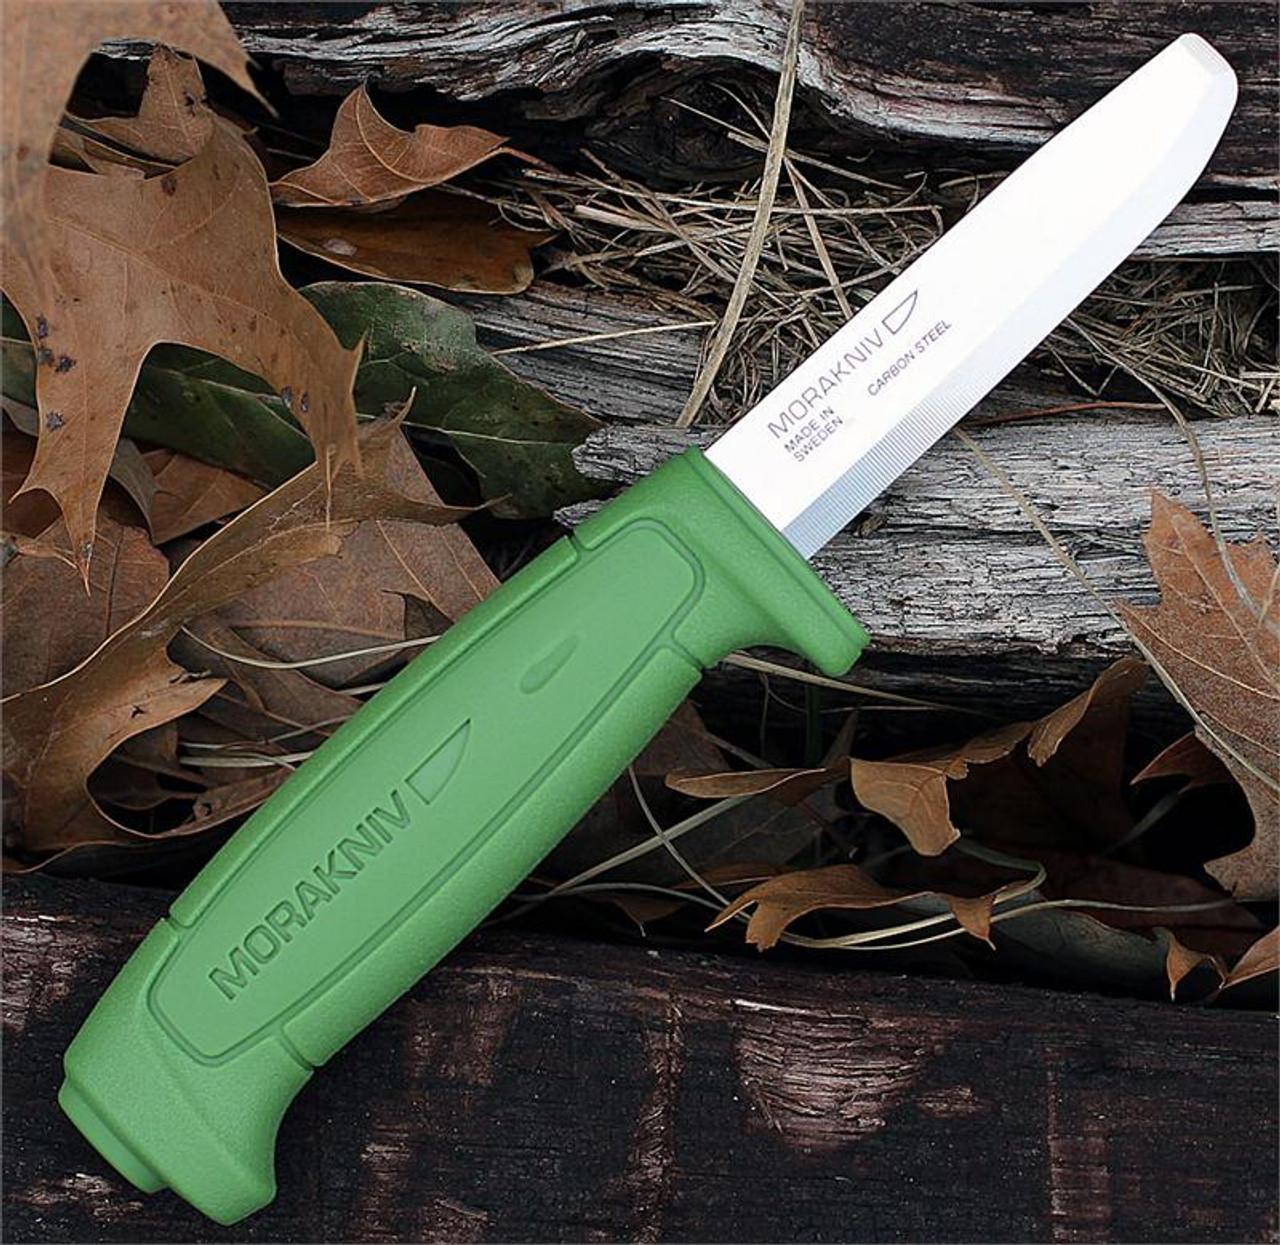 Mora Craft Safe knife 12244, 3.2 in. Carbon Steel Blade